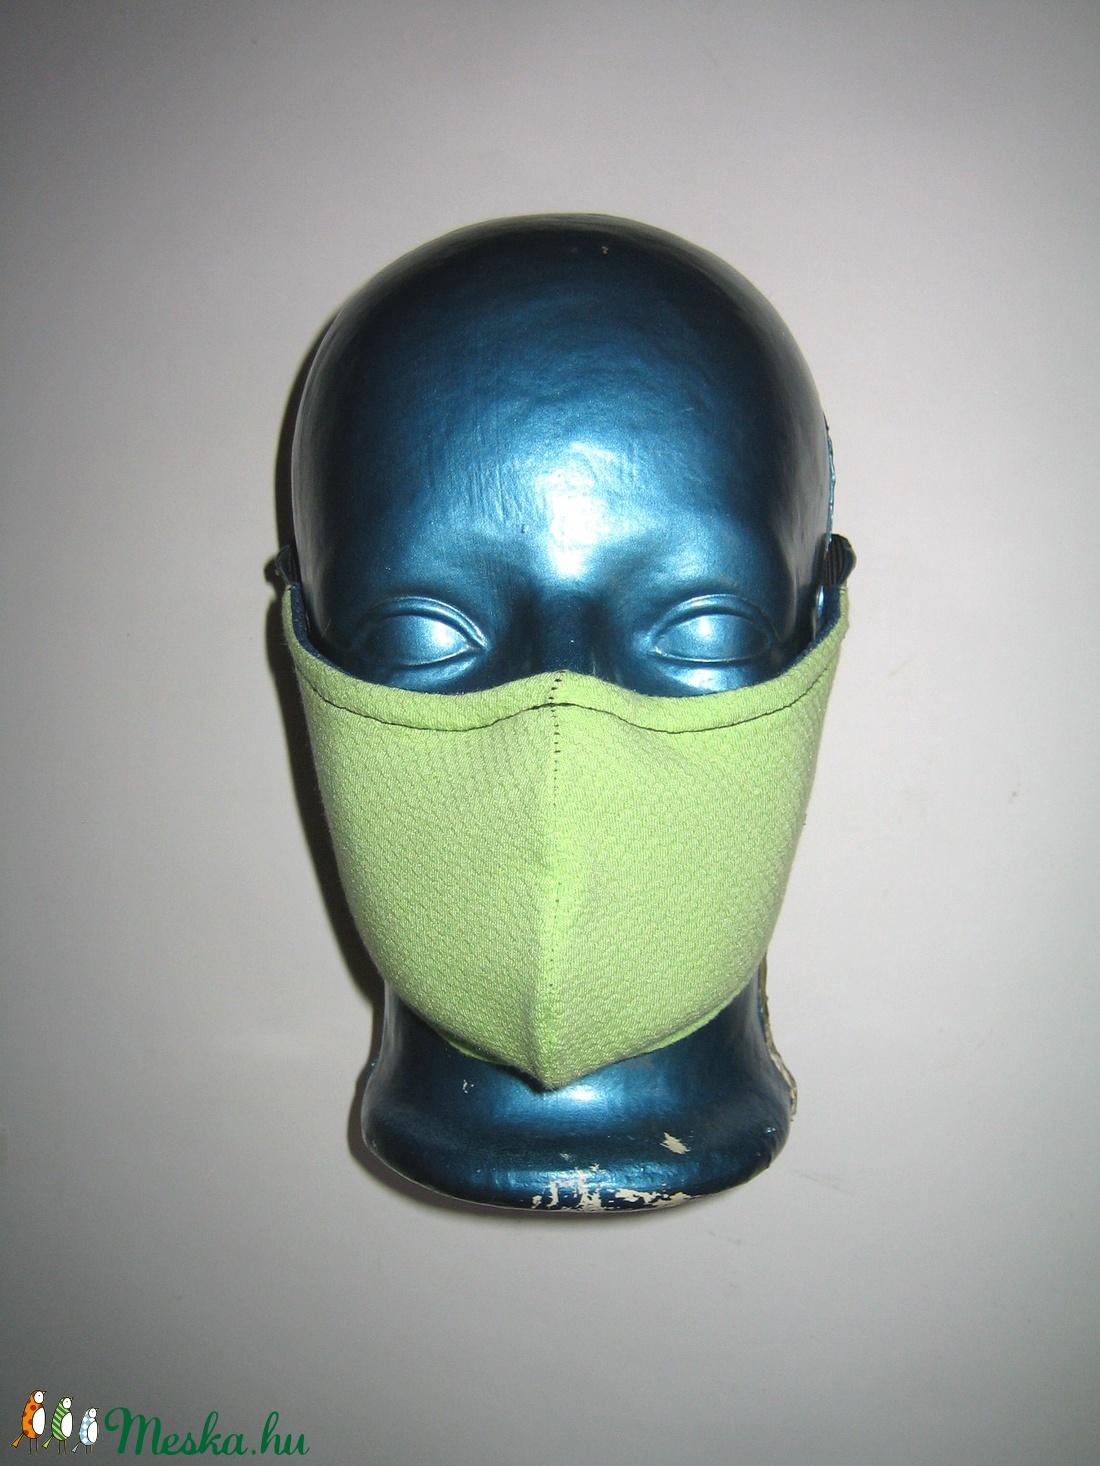 Szájmaszk orrmerevítős fülre akasztható arcmaszk biciklis maszk  textilmaszk - maszk, arcmaszk - női - Meska.hu